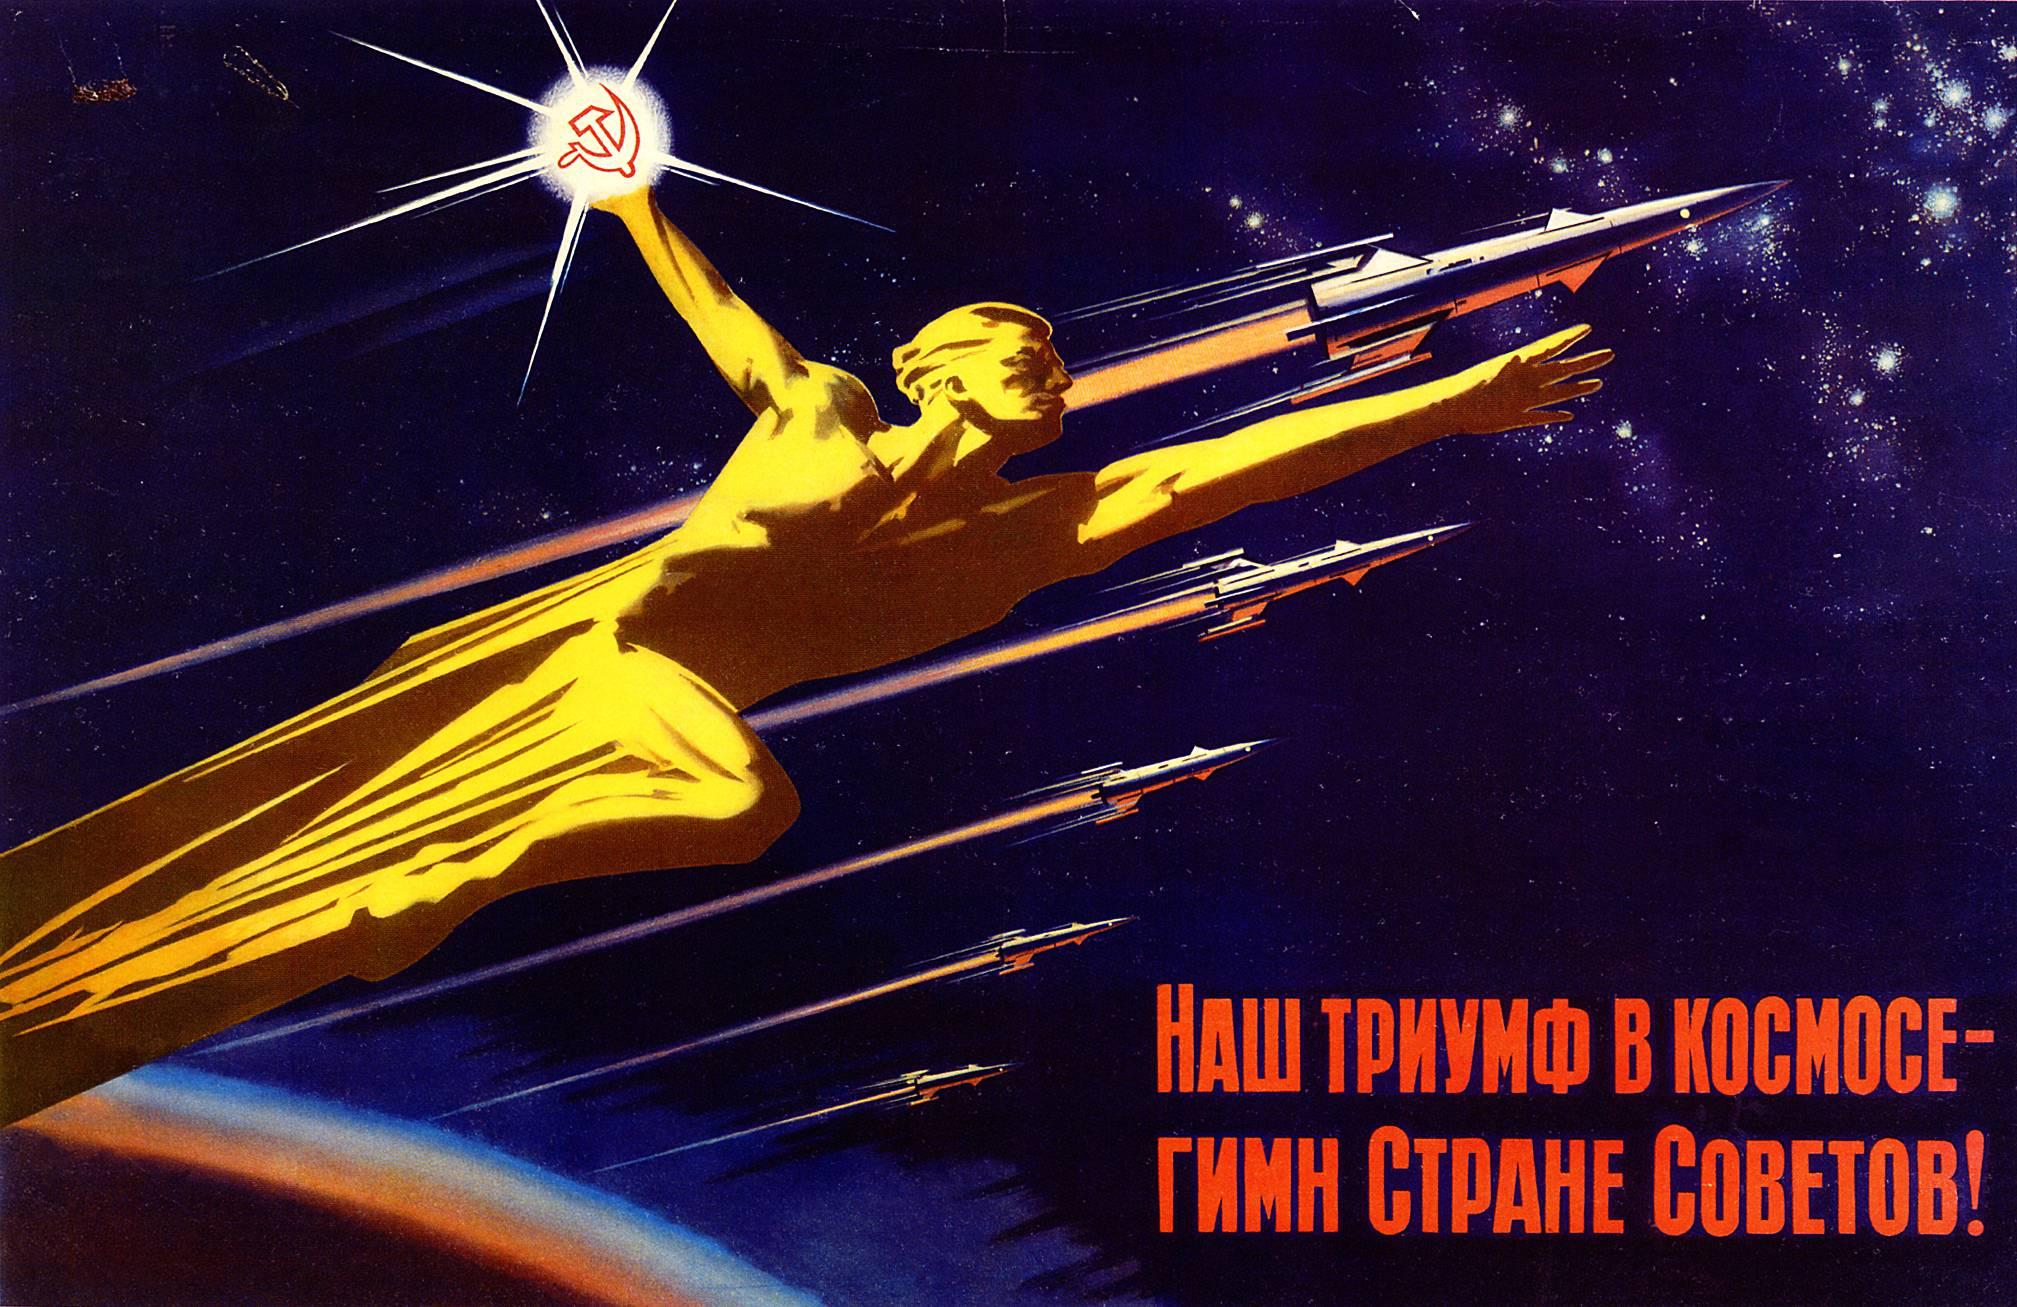 A Szovjetunió összeomlásával szétesett az orosz tudományos élet, aztán egy milliárdos elkezdte fizetni a kutatókat